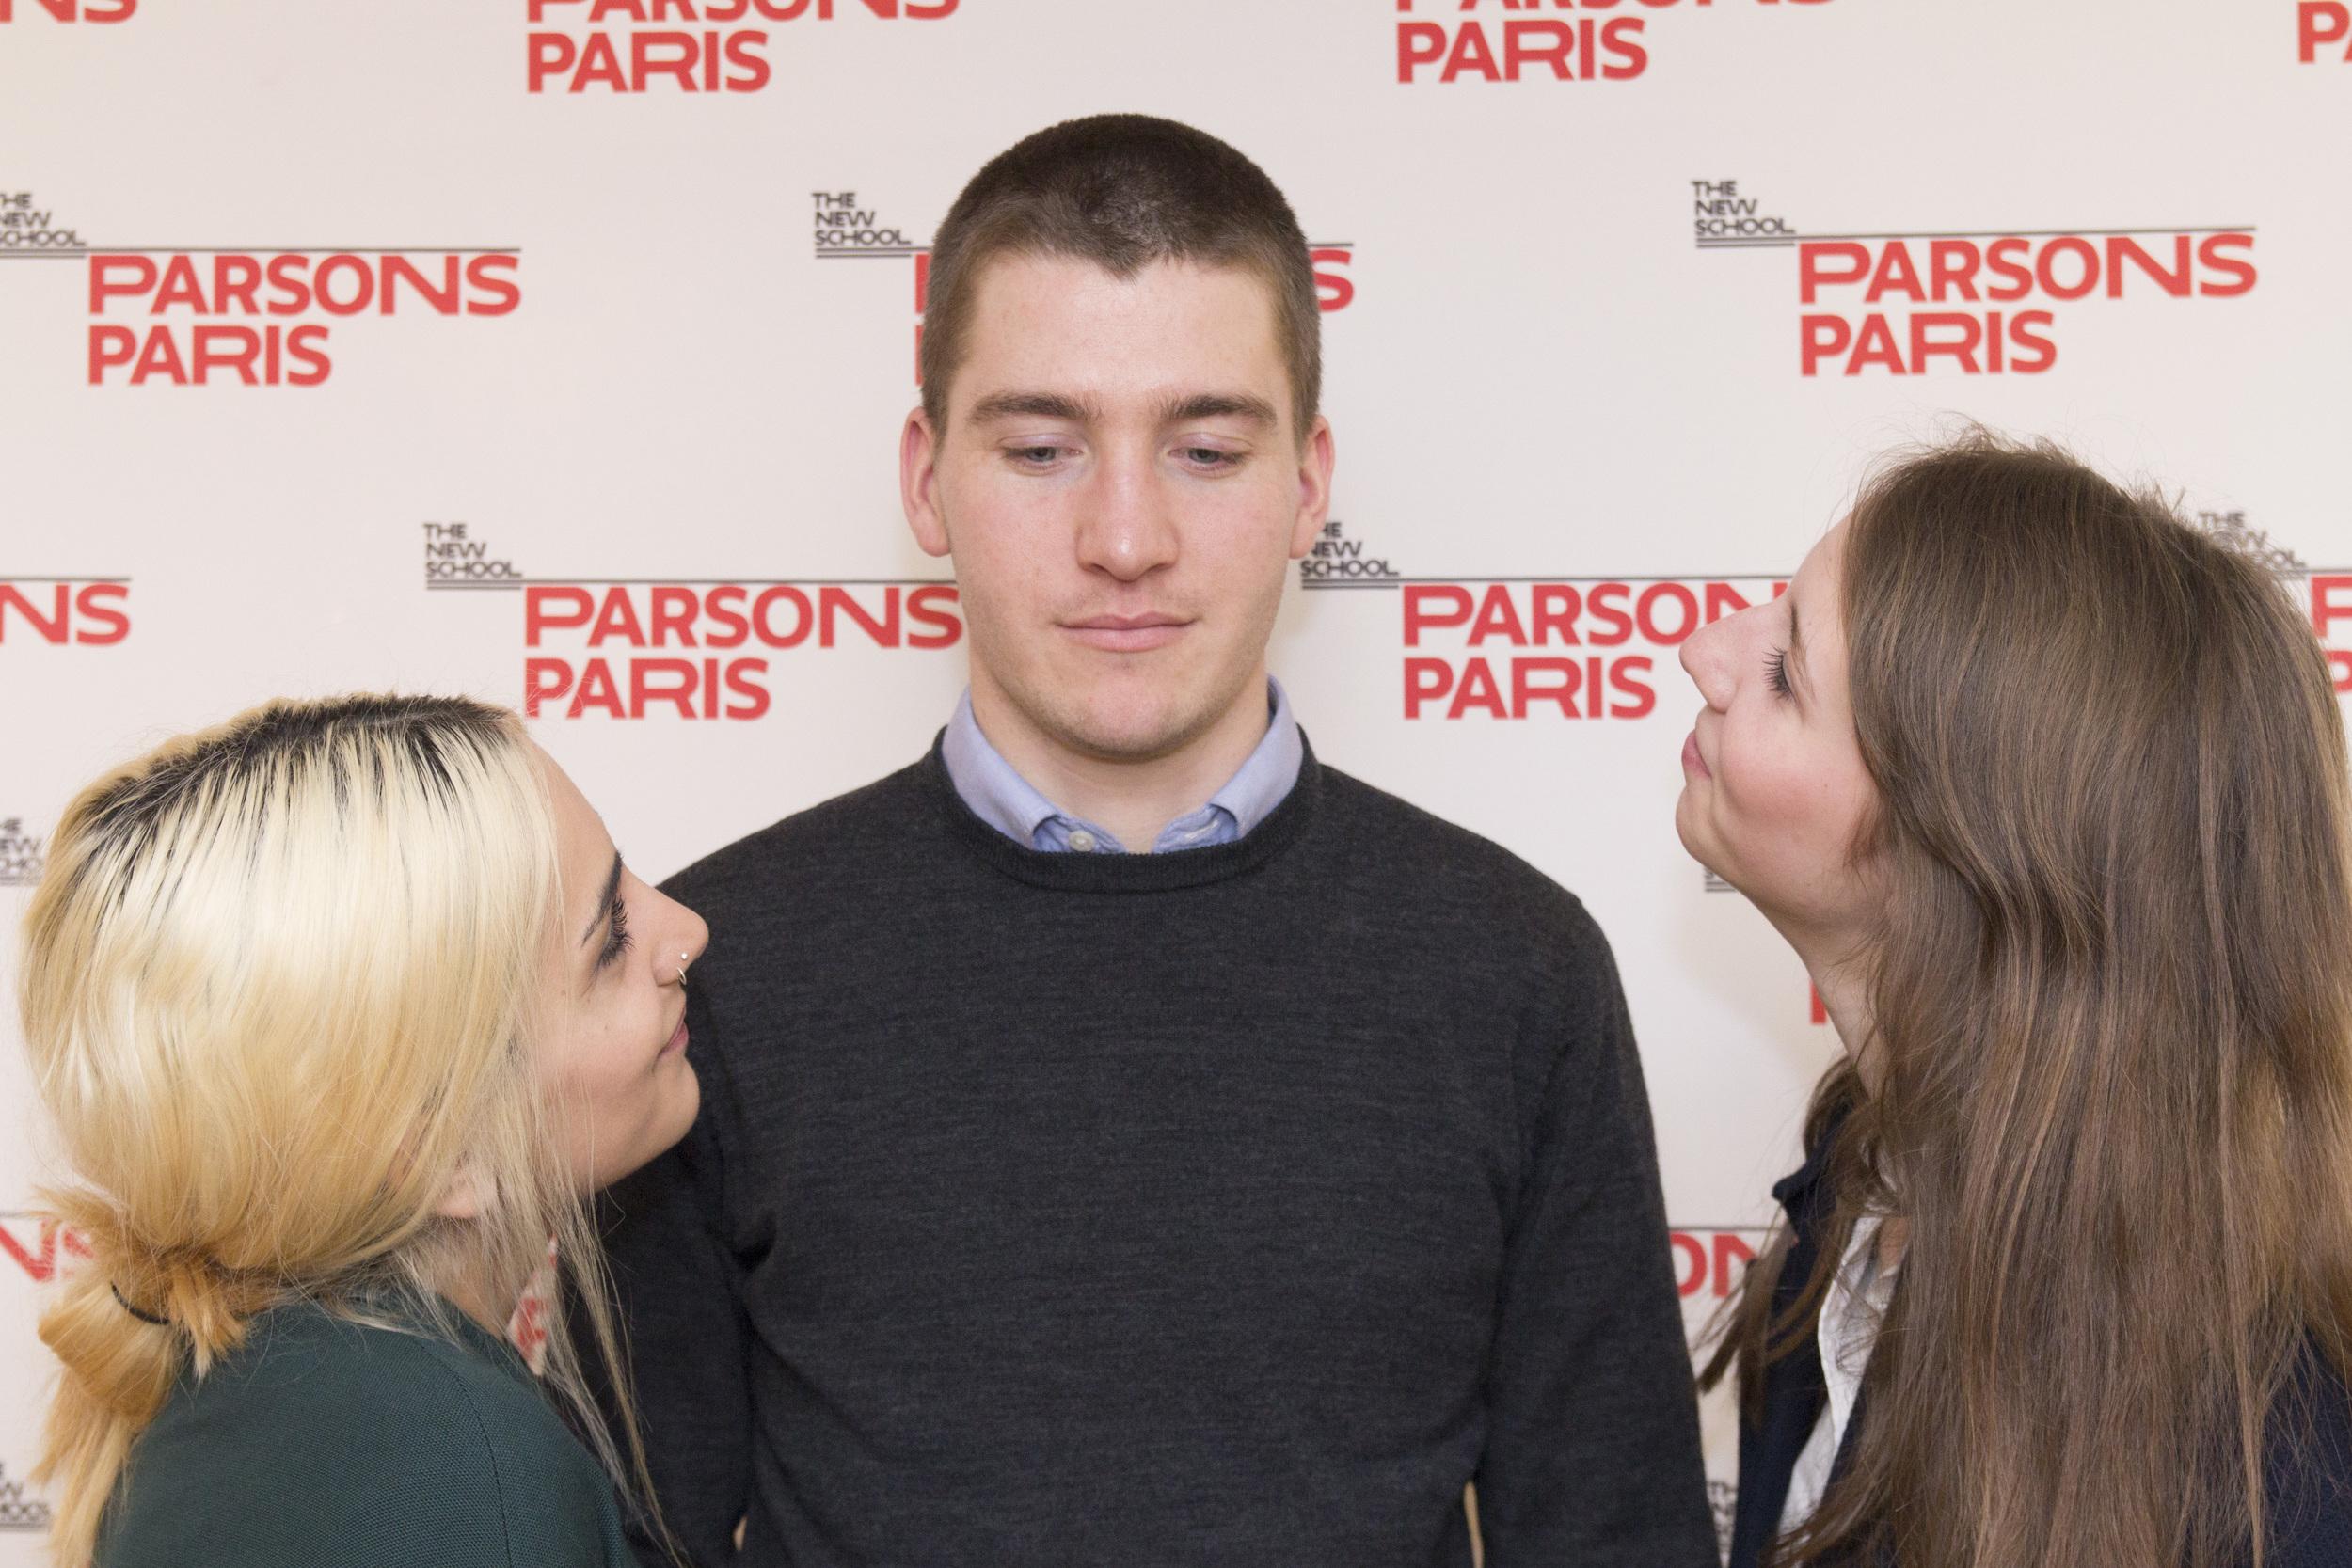 TNS_ParsonsParis_Graduation_158.jpg